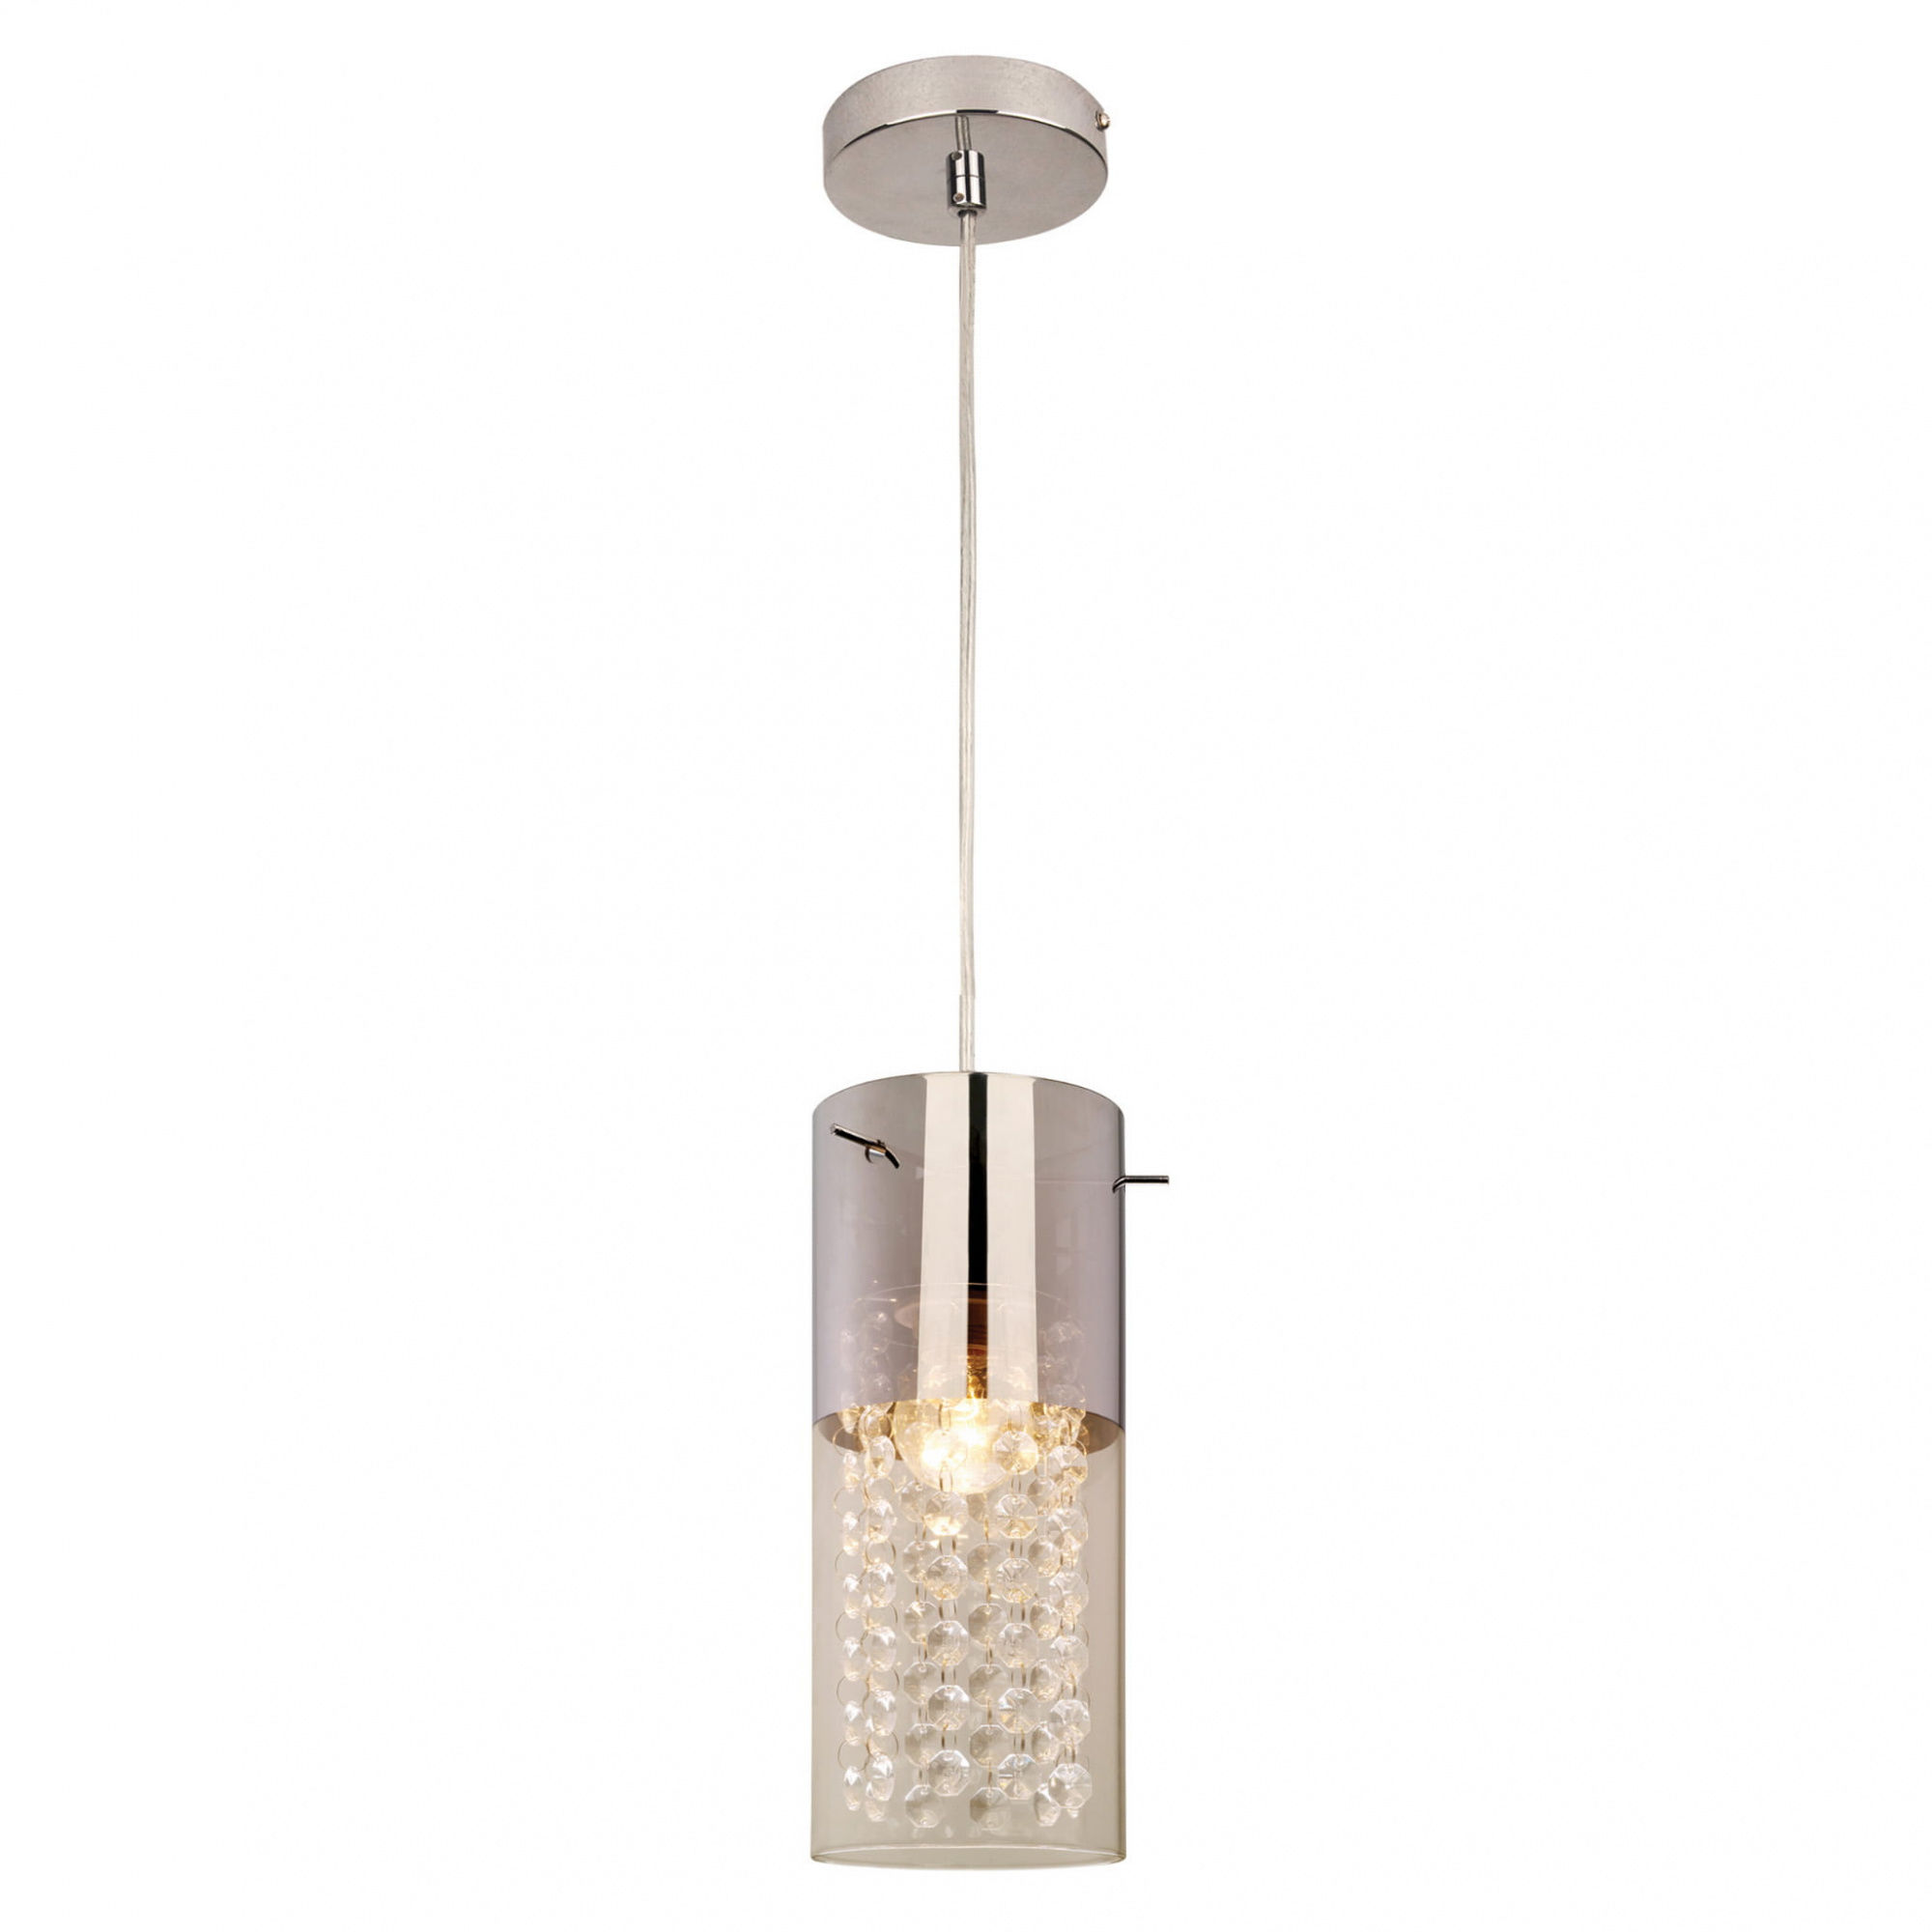 Lampa wisząca Zara 1 LP-5221/1P Light Prestige srebrna oprawa w stylu nowoczesnym